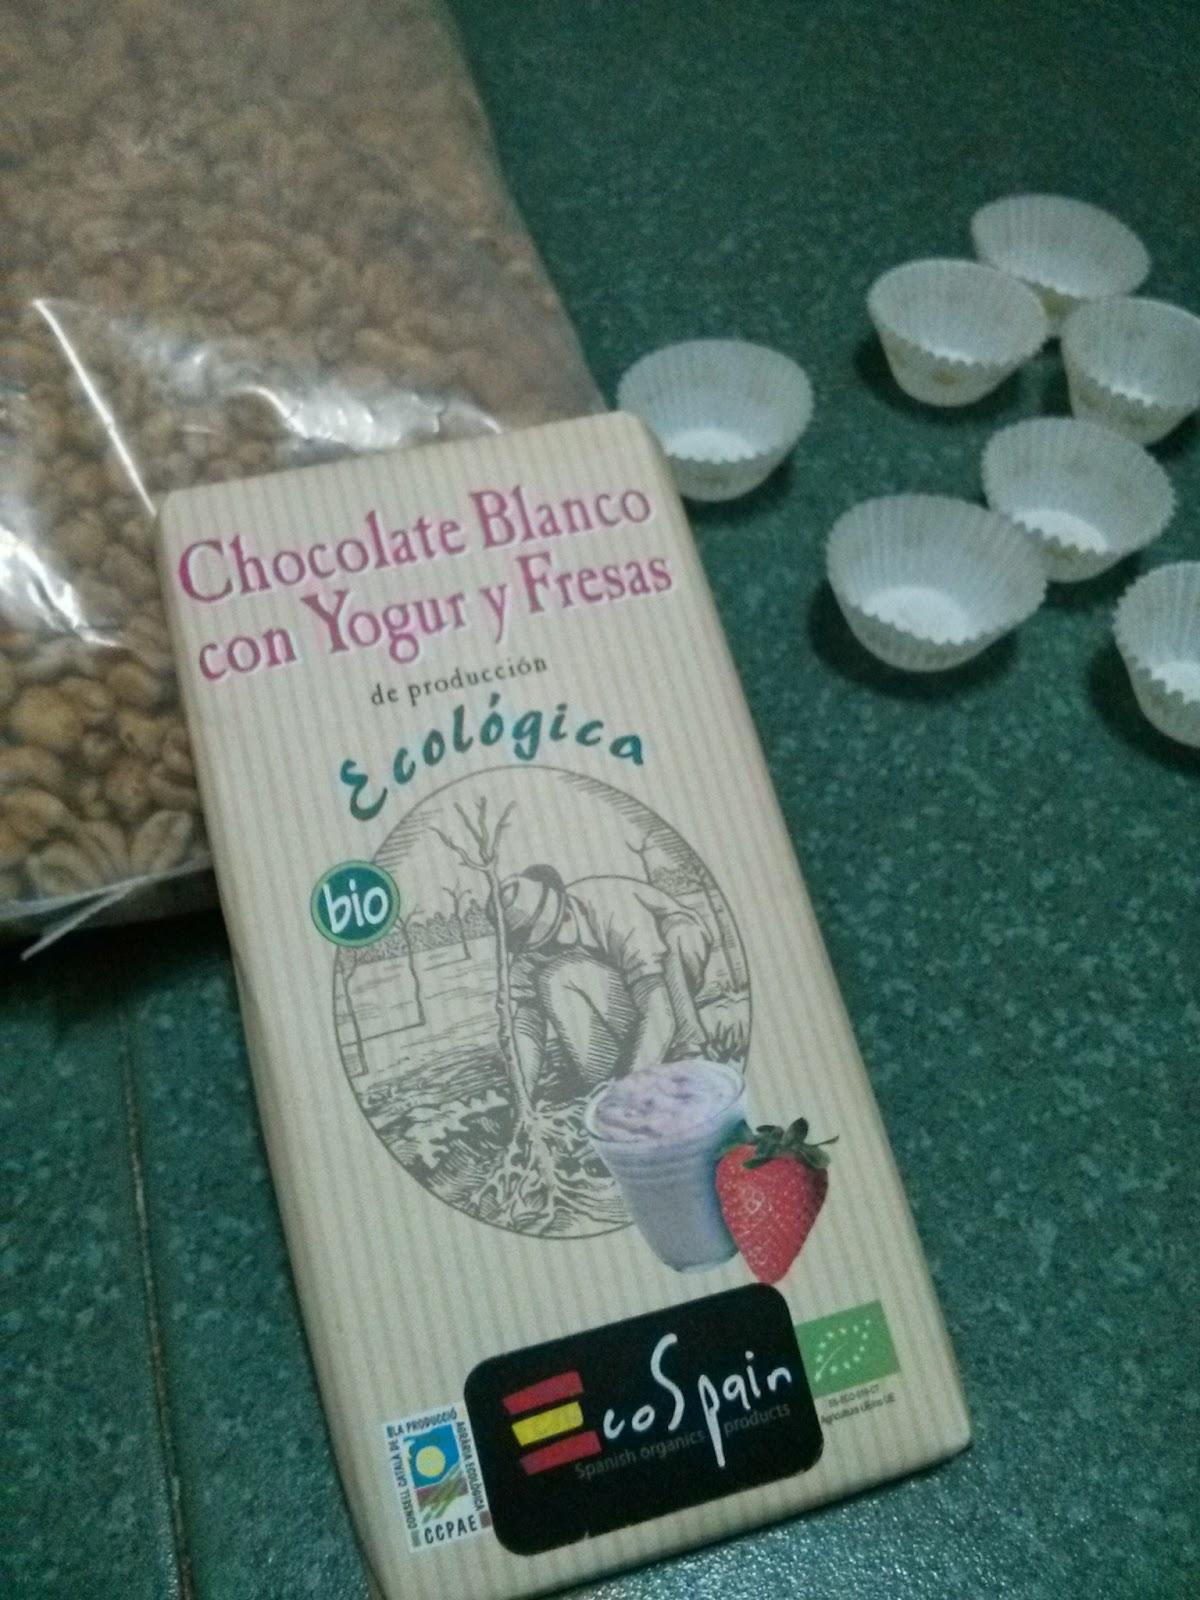 Bombones de chocolate blanco con yogur y fresas